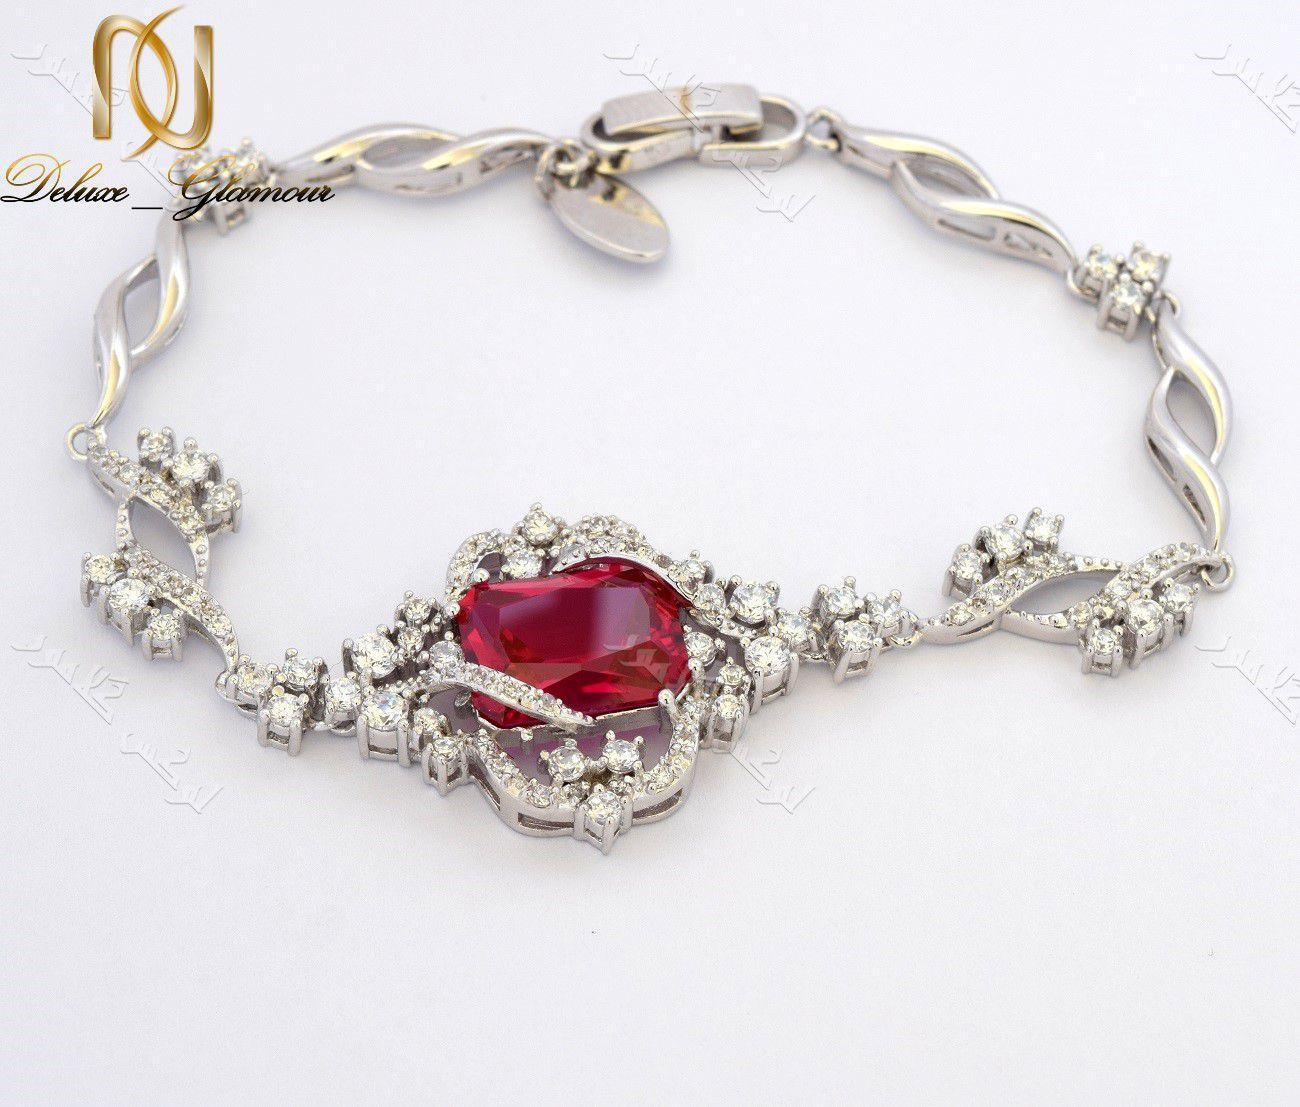 ست دستبند و گوشواره کلاسیک کلیو با کریستالهای سواروفسکی Be-n100